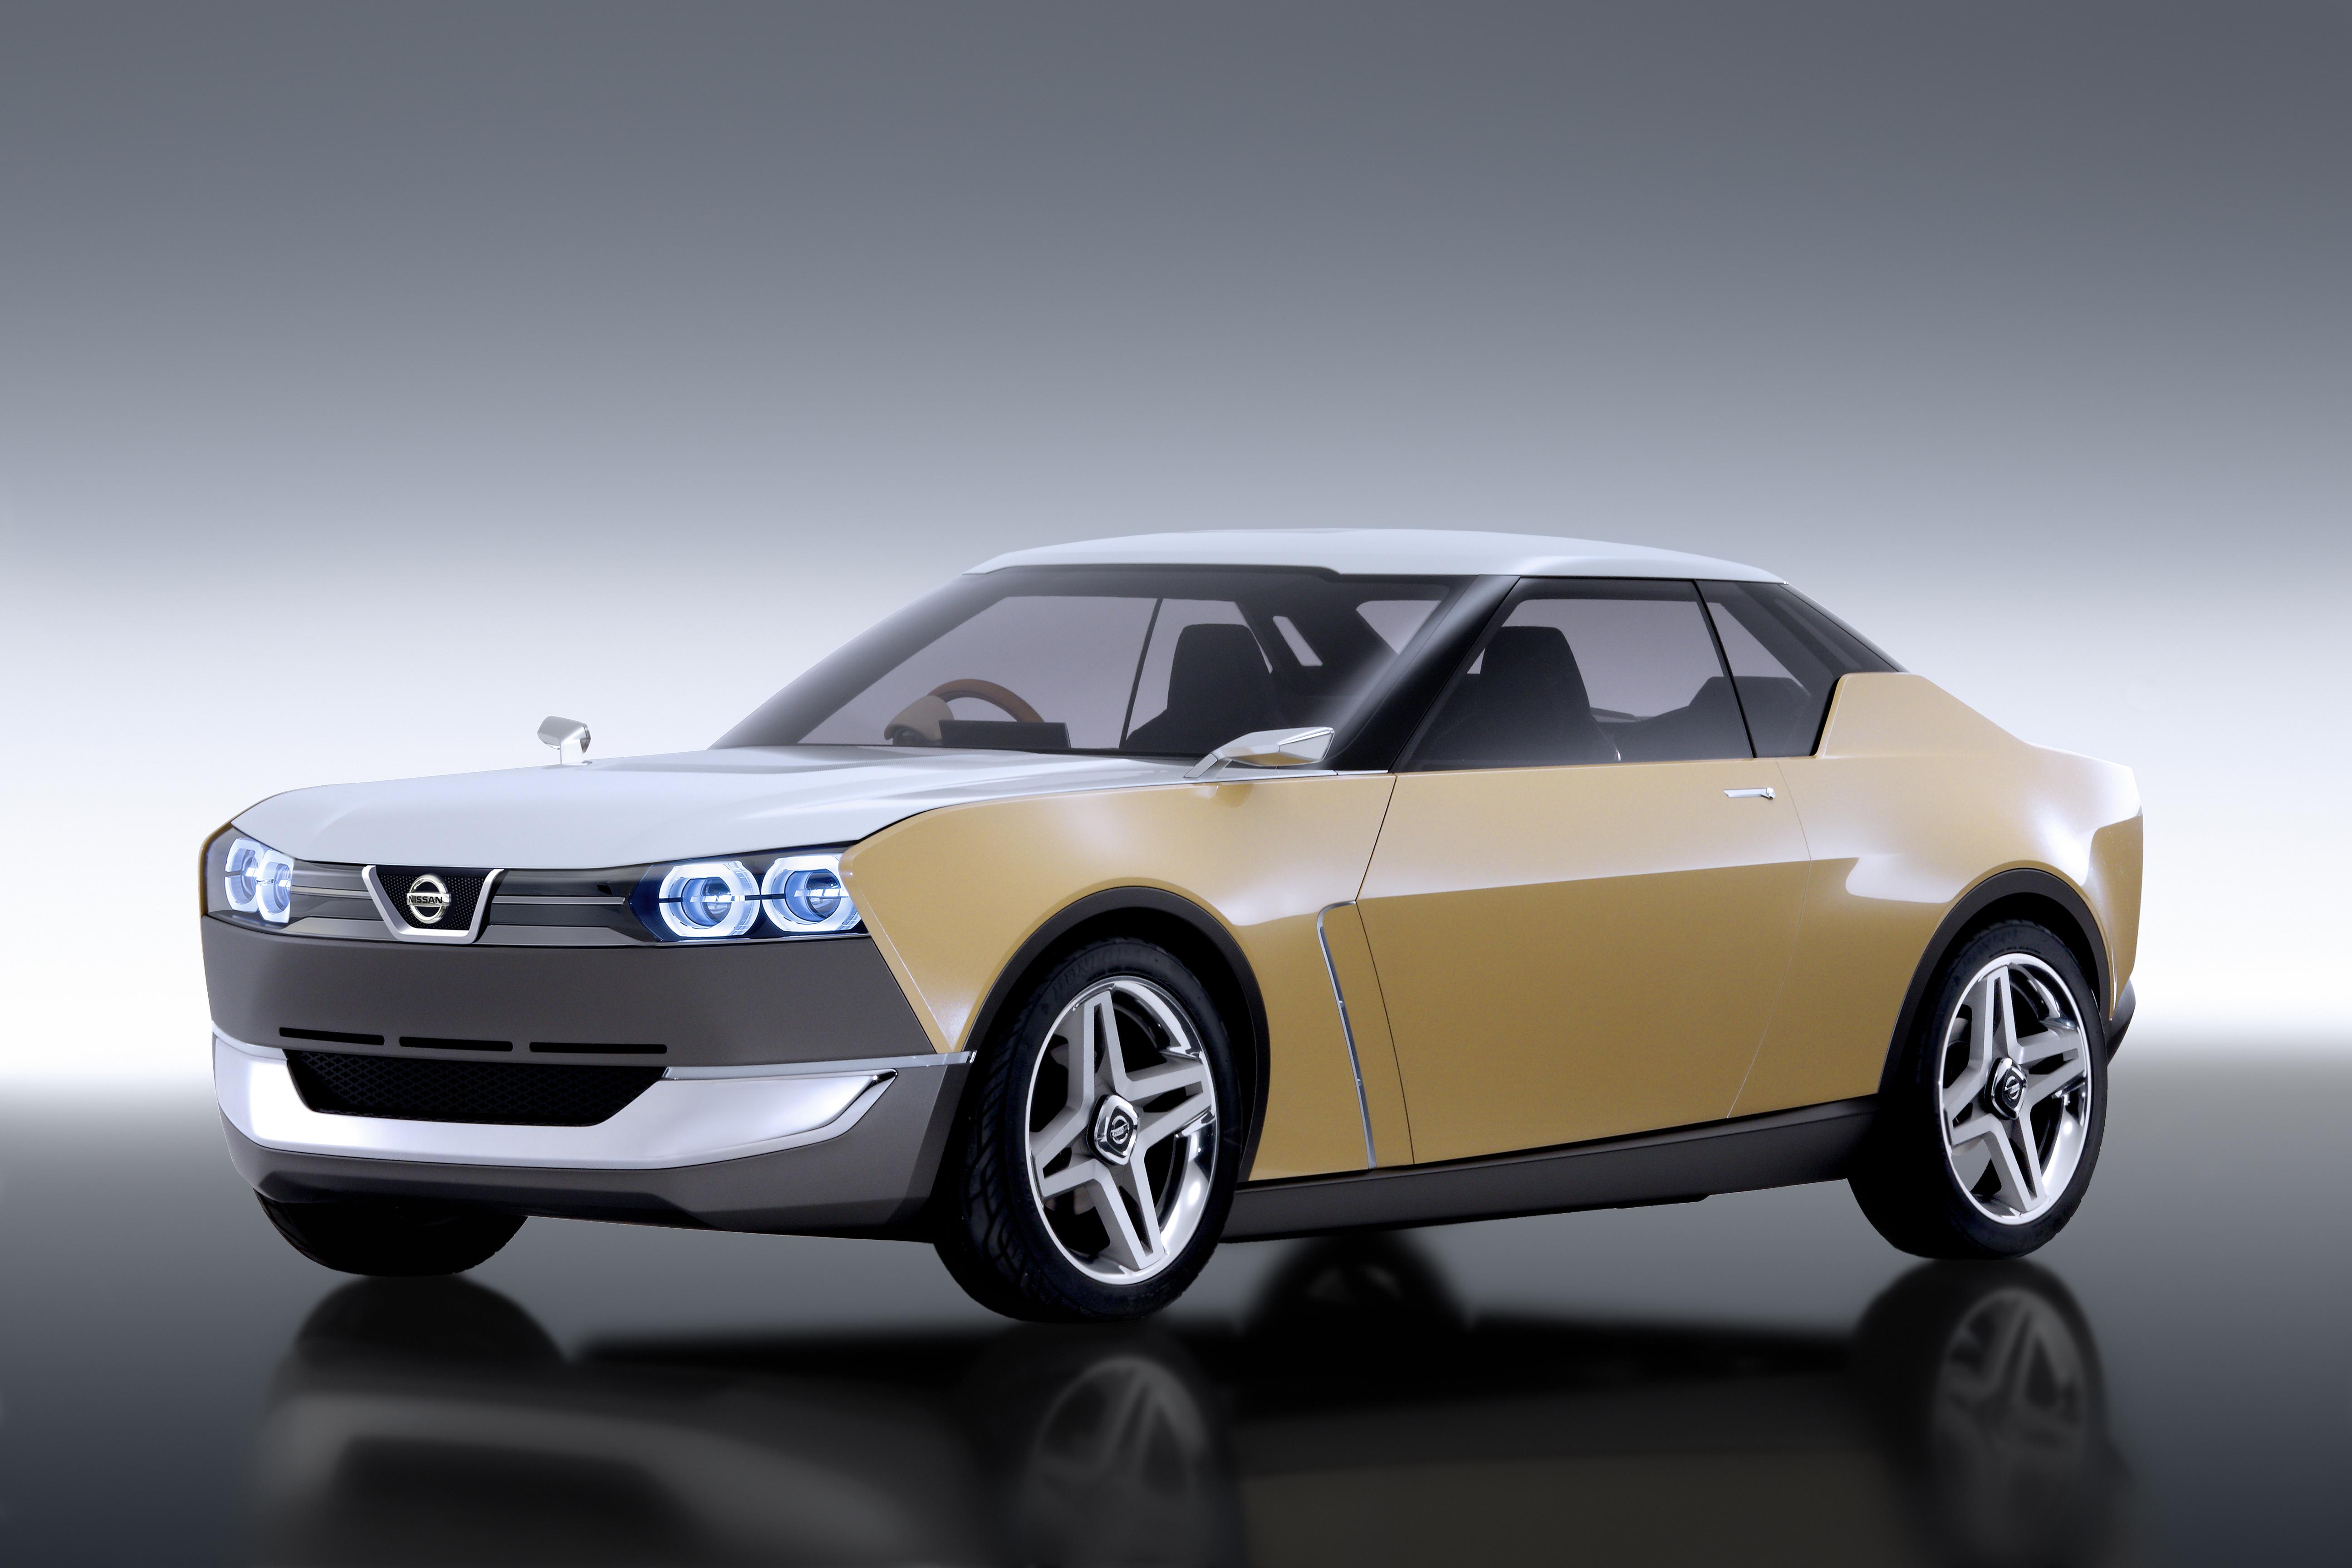 [Image: S0-Nissan-IDx-c-est-non-354234.jpg]